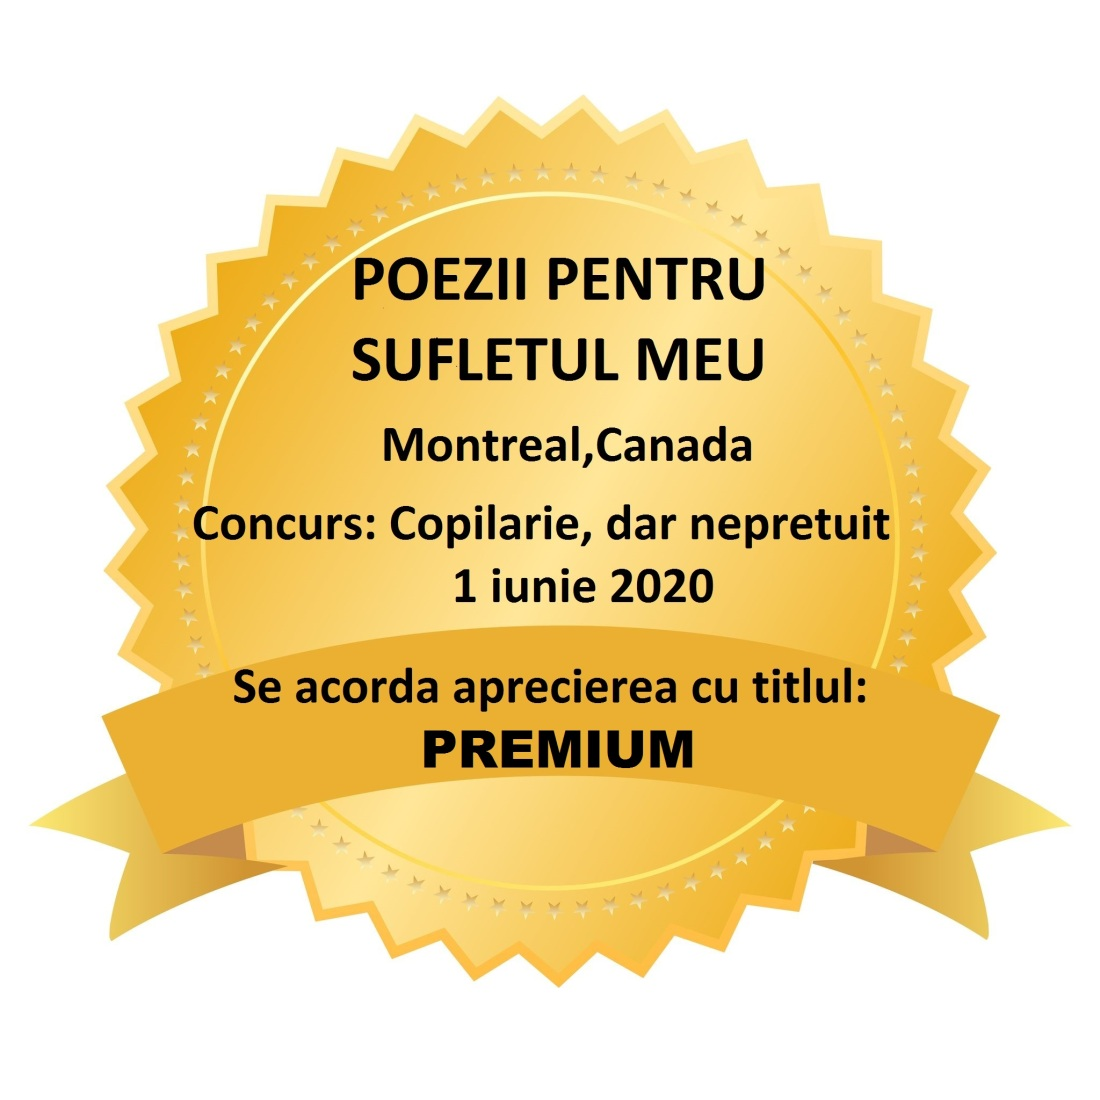 CONCURS COPILARIE-PREMIUM